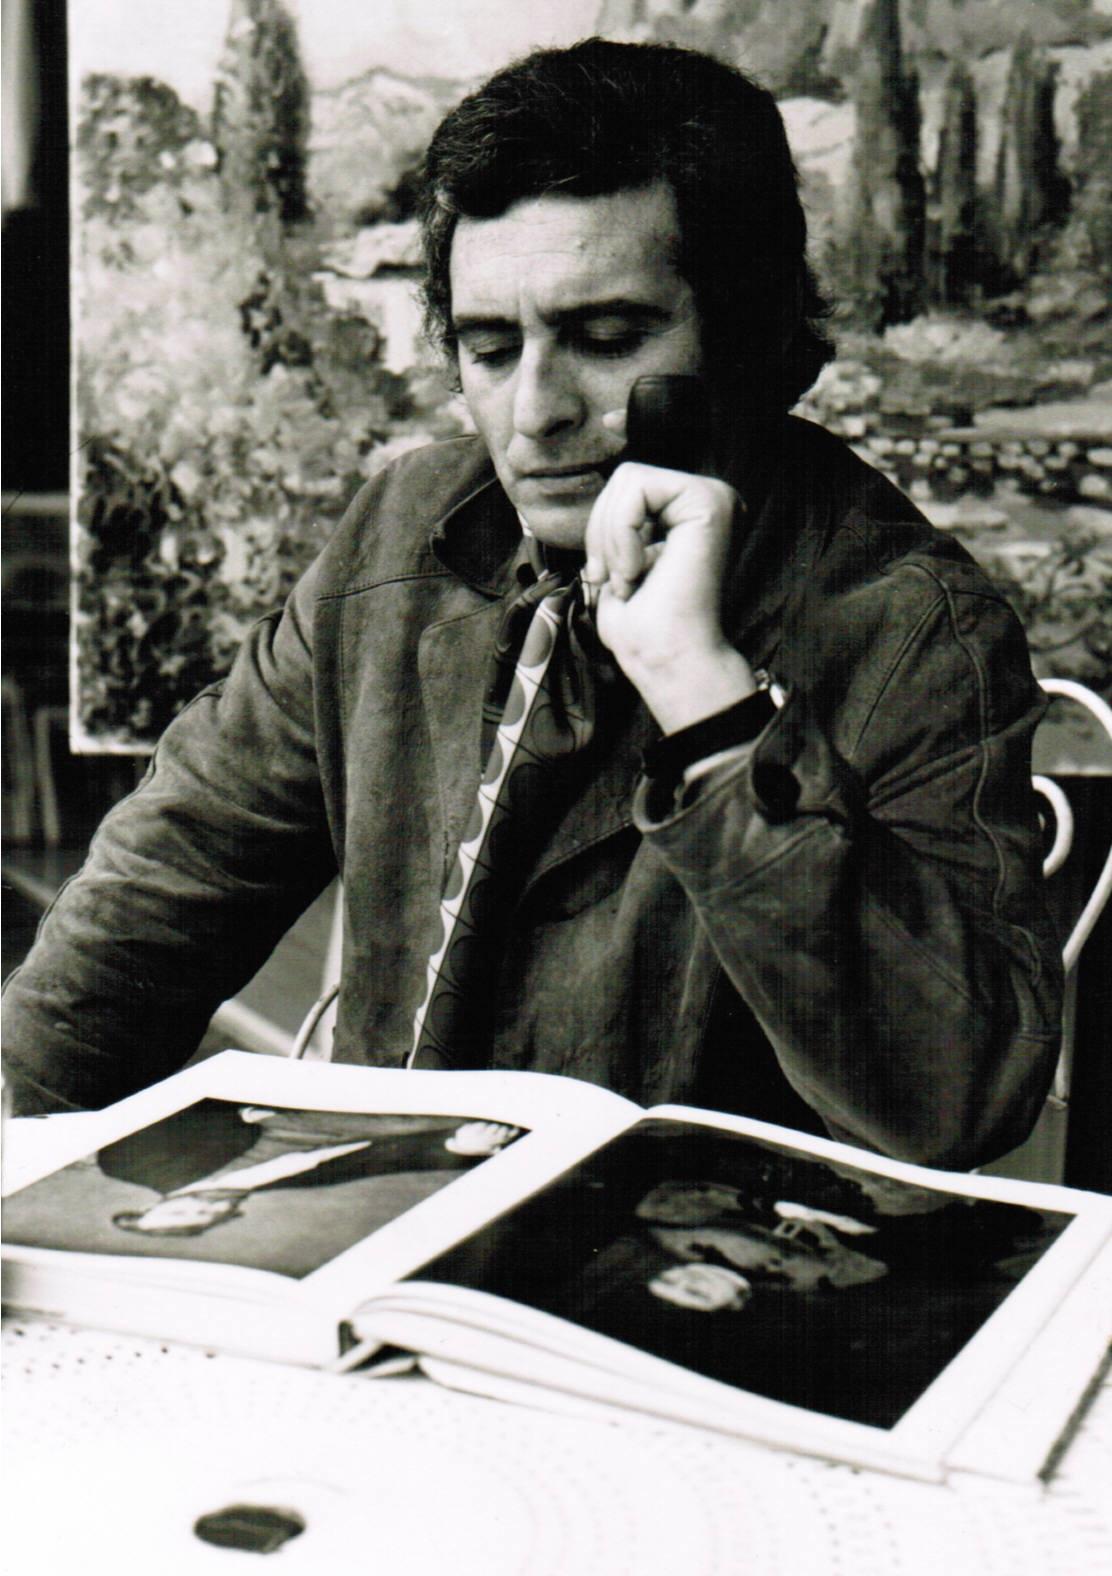 Darot à Cannes c.1971